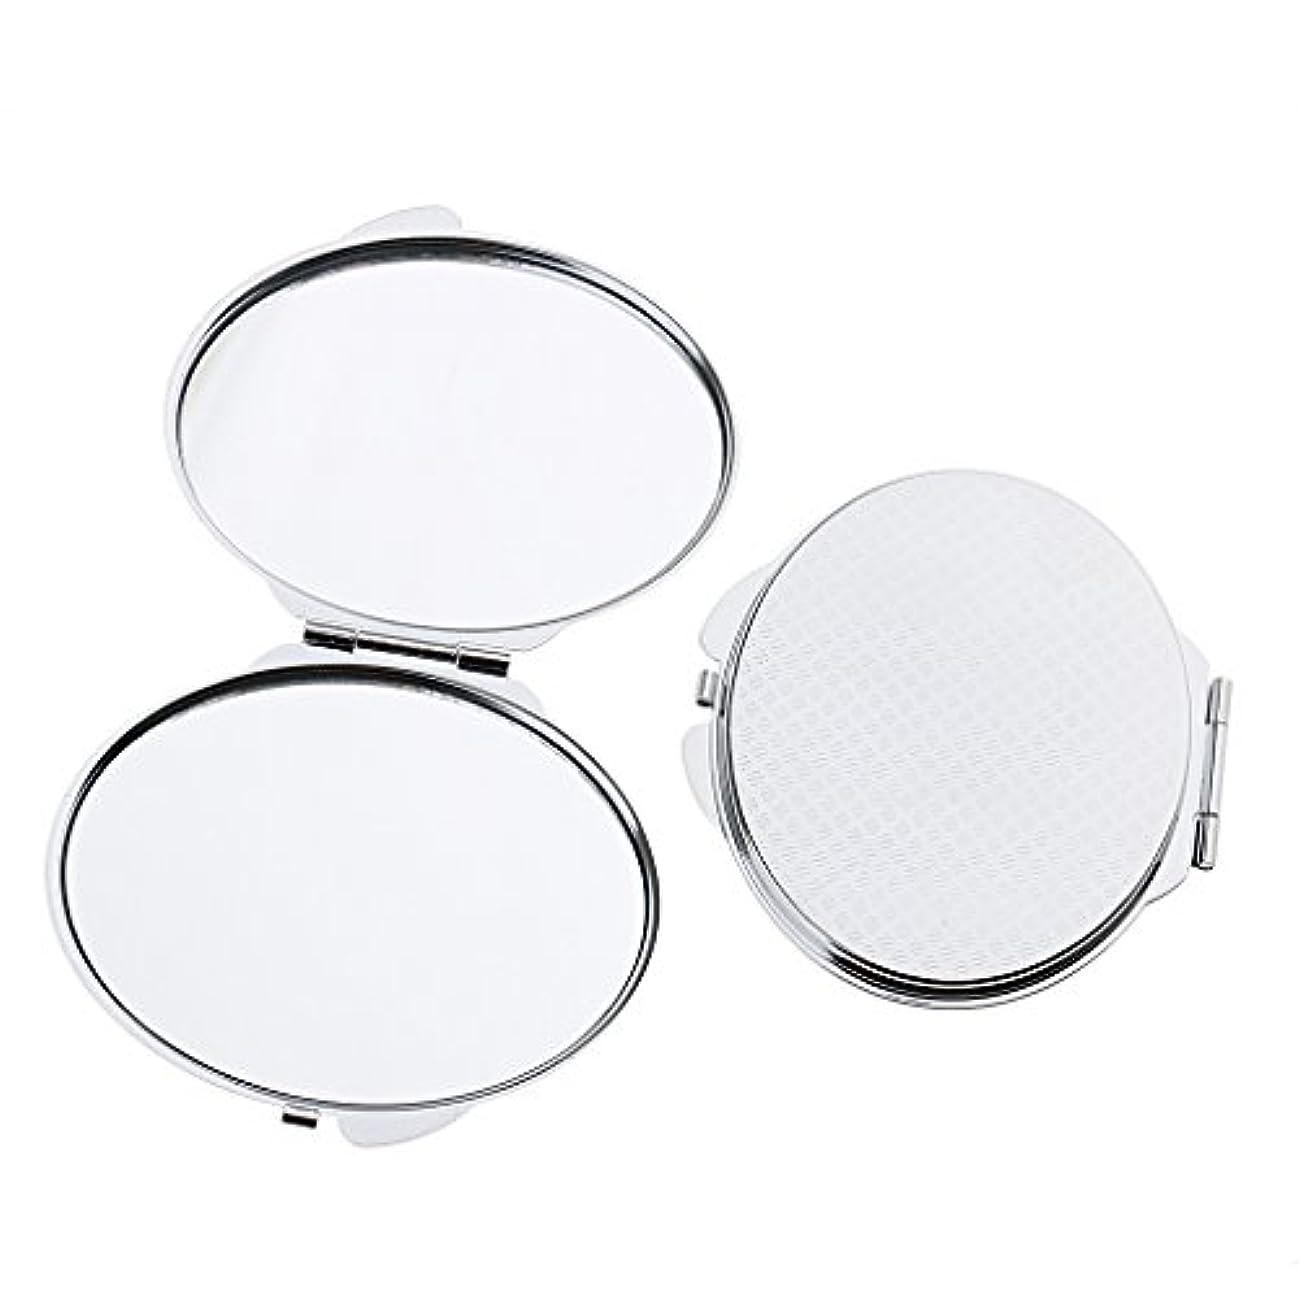 賠償パドル破裂化粧鏡 ポケット メイクミラー 鏡 両面 折りたたみ メイクアップ 2タイプ選べる - 丸い